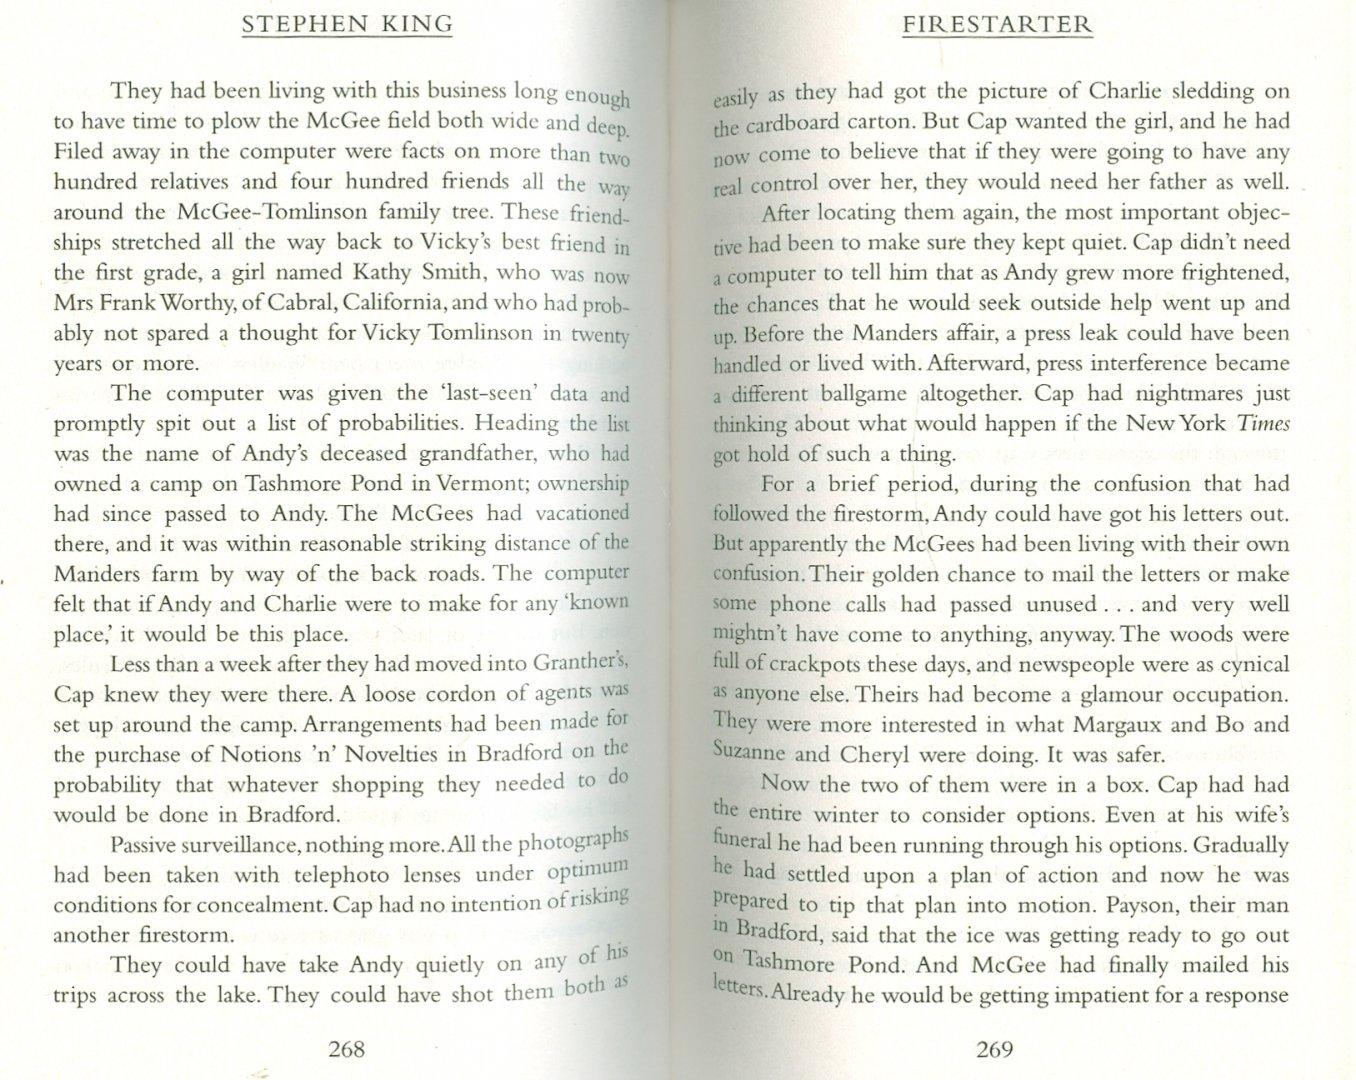 Иллюстрация 1 из 4 для Firestarter - Stephen King | Лабиринт - книги. Источник: Лабиринт